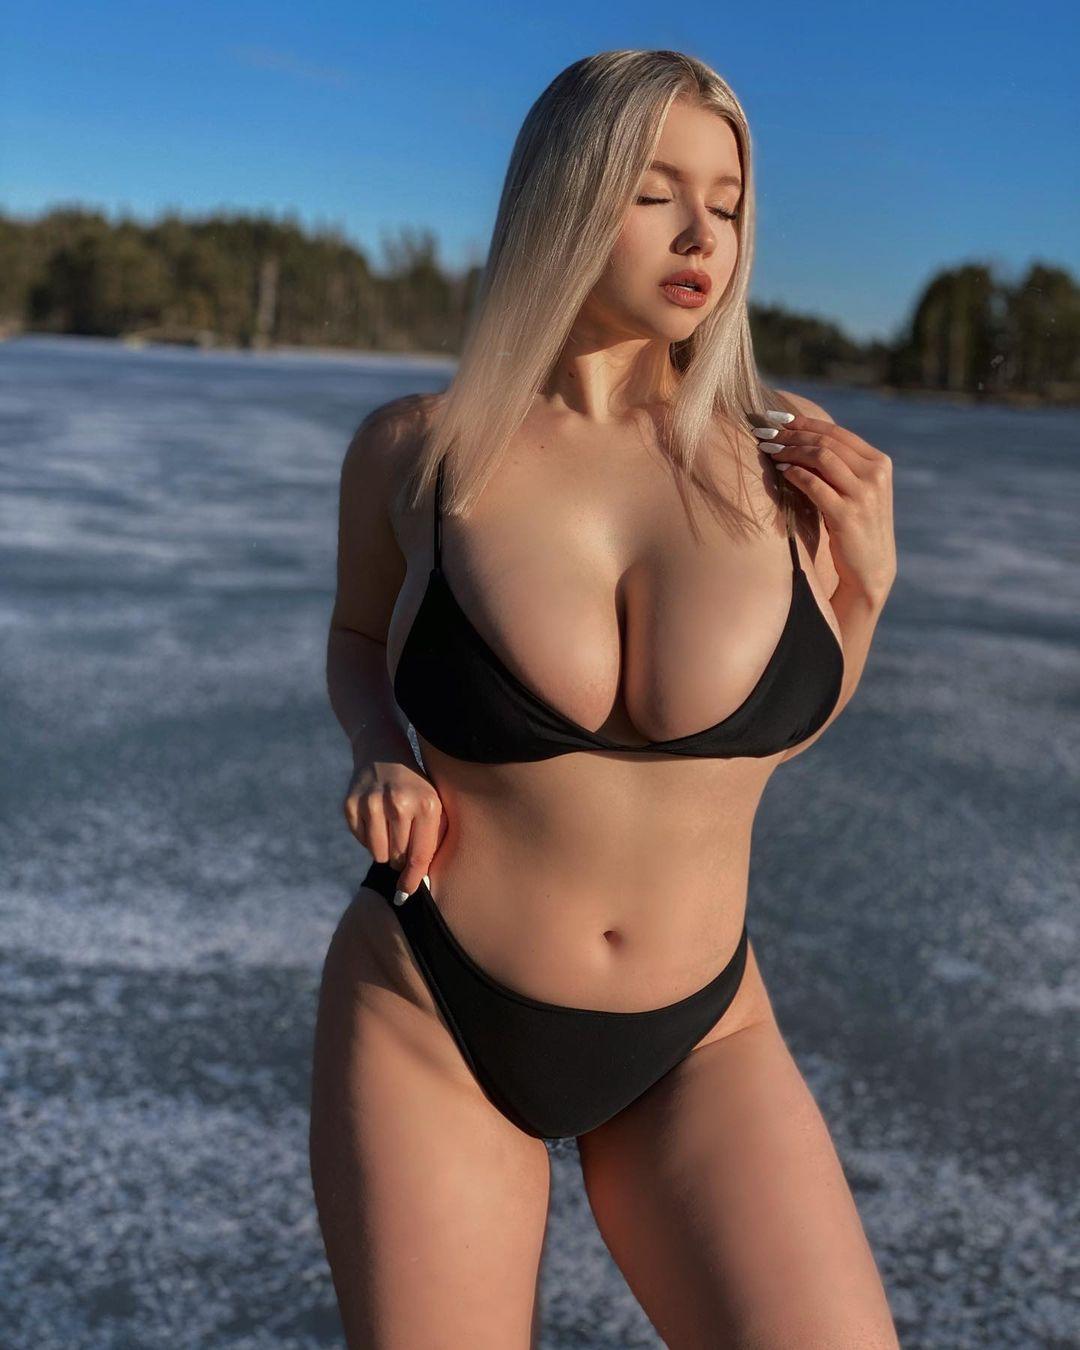 Красивые русые девушки с длинными волосами: сексуальные фото 4